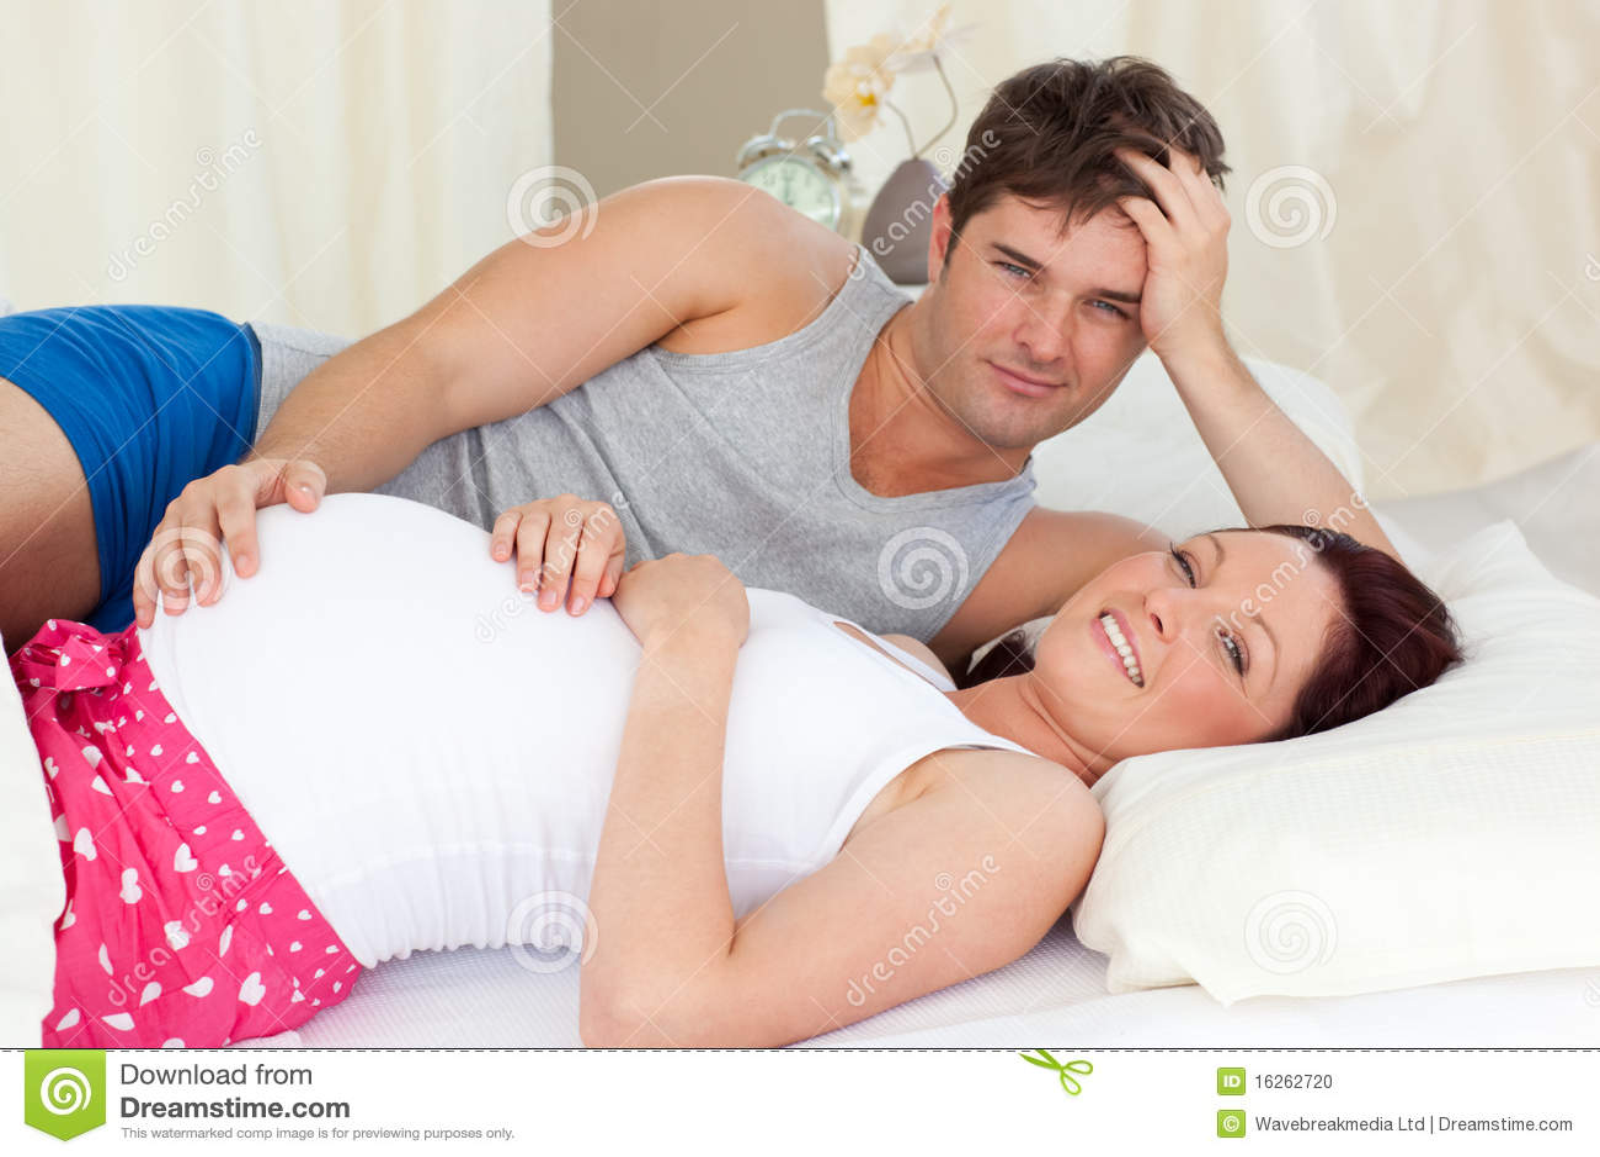 Смотреть онлайн секс беременных девочек 2 фотография